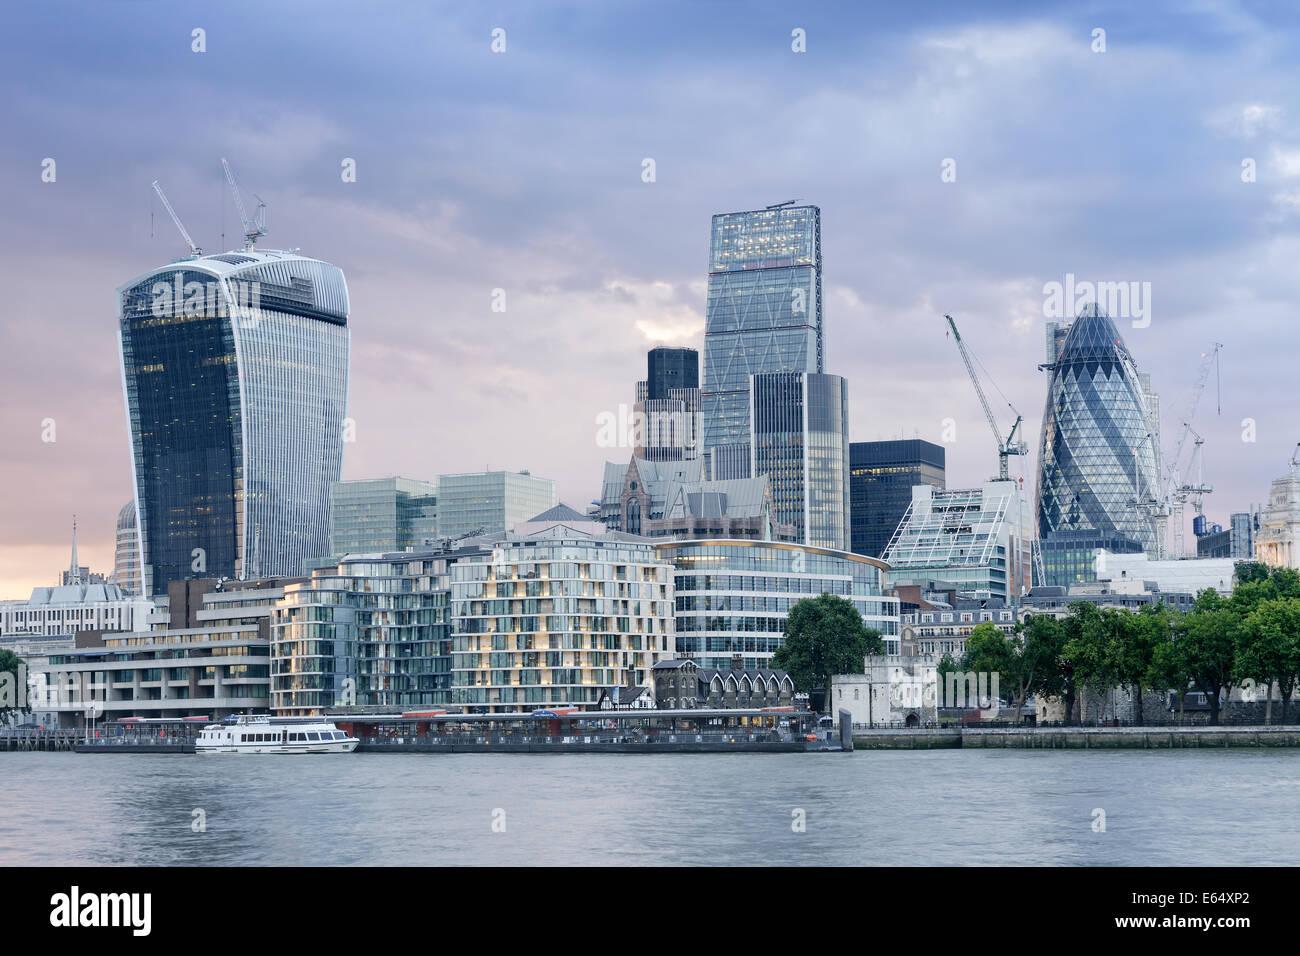 Ville de ville de Londres, Royaume-Uni. Photo Stock